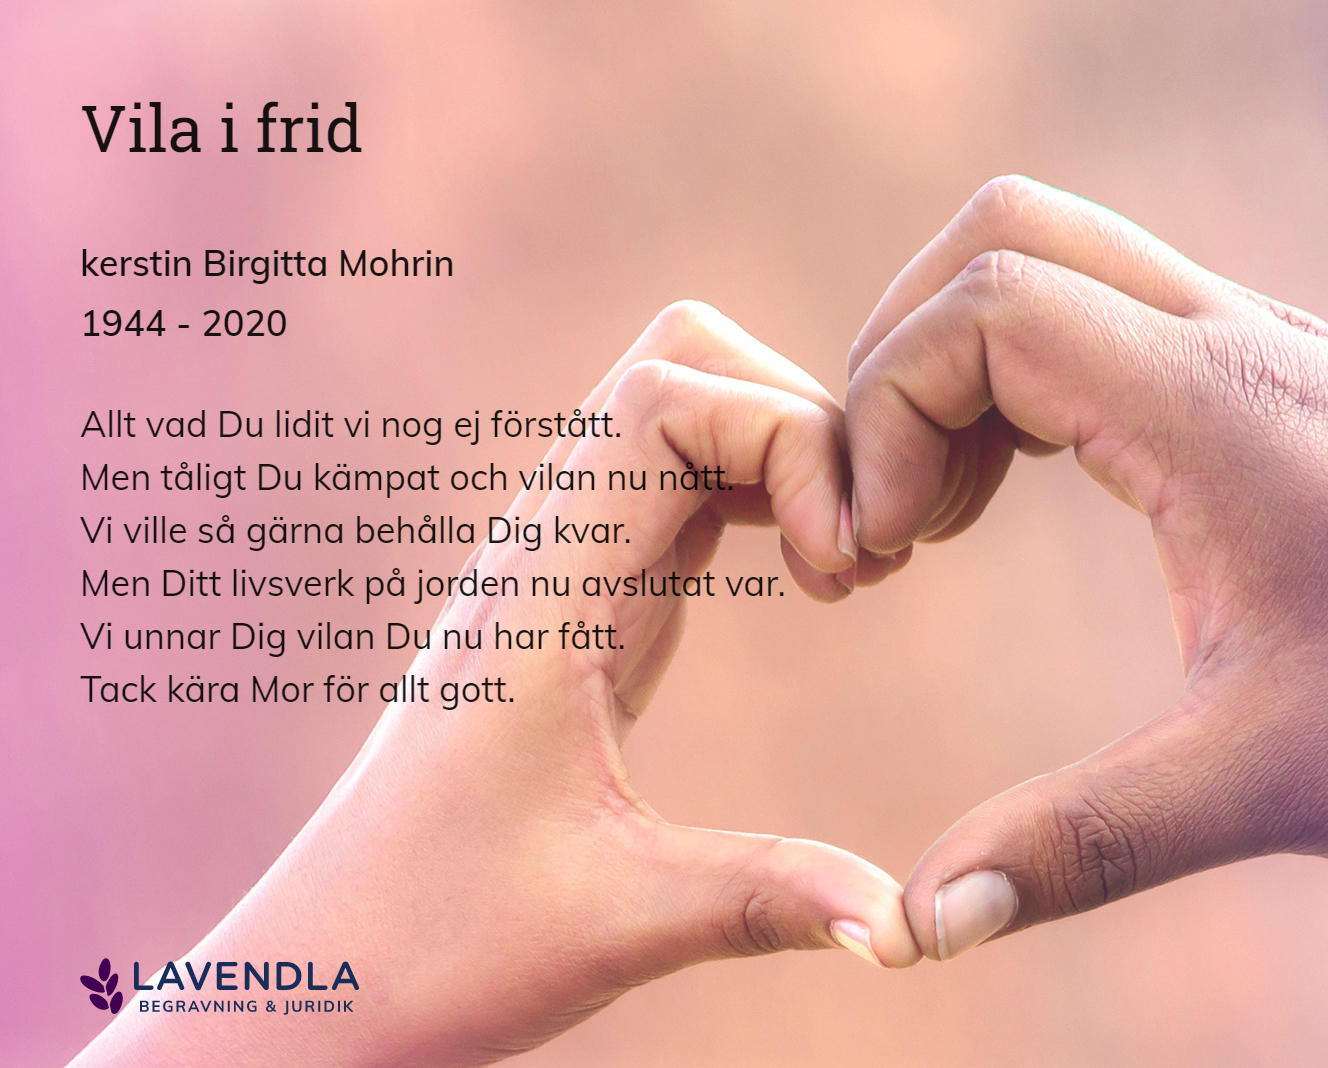 Inbjudningskort till ceremonin för kerstin Birgitta Mohrin